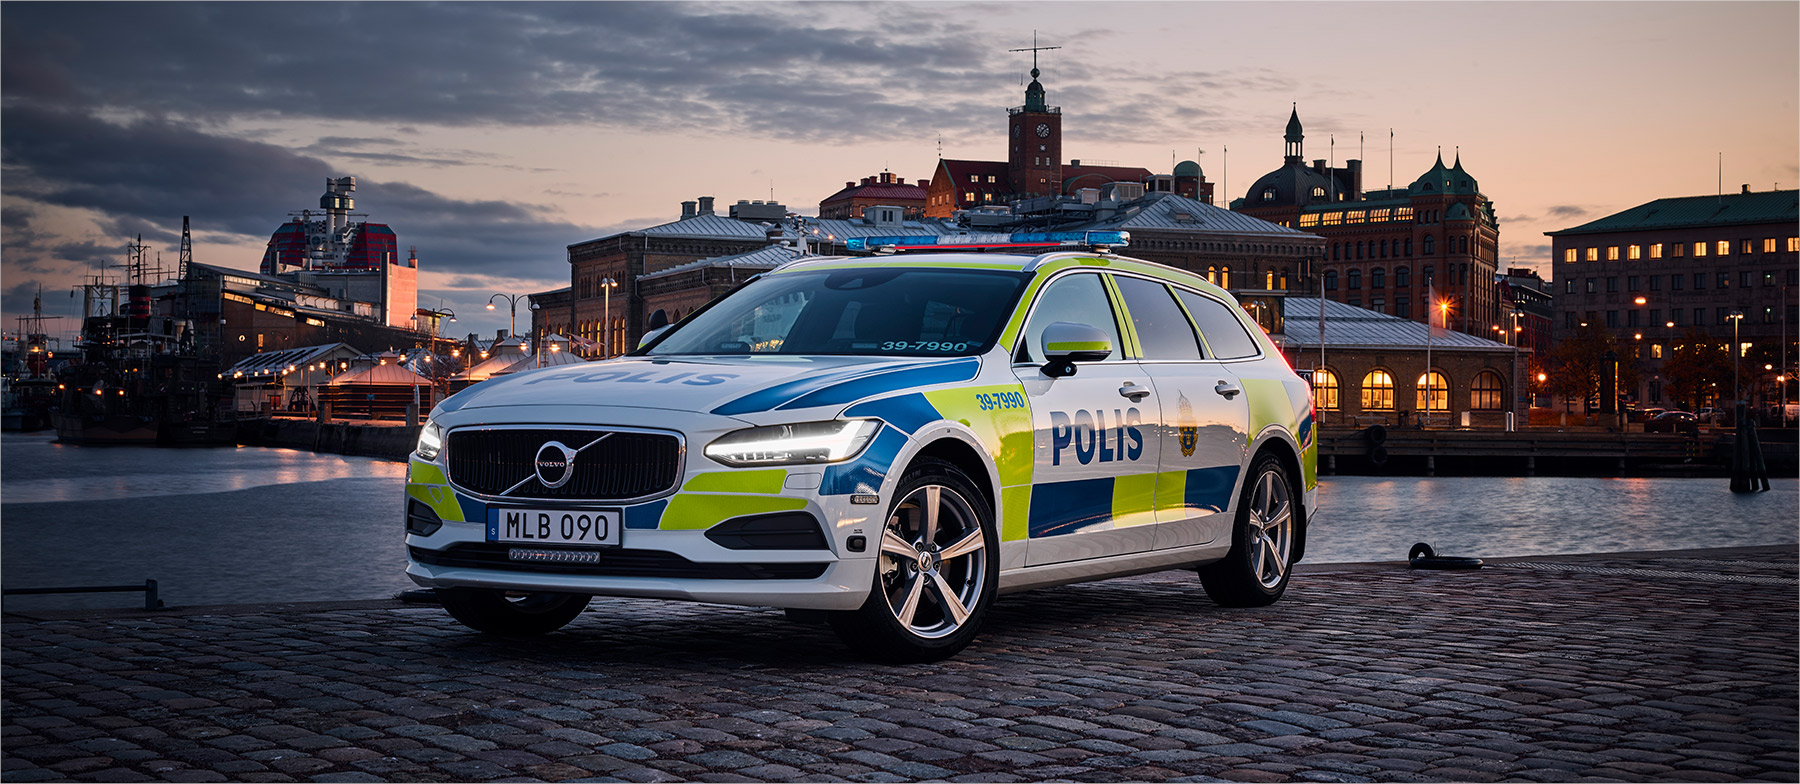 polis-bg